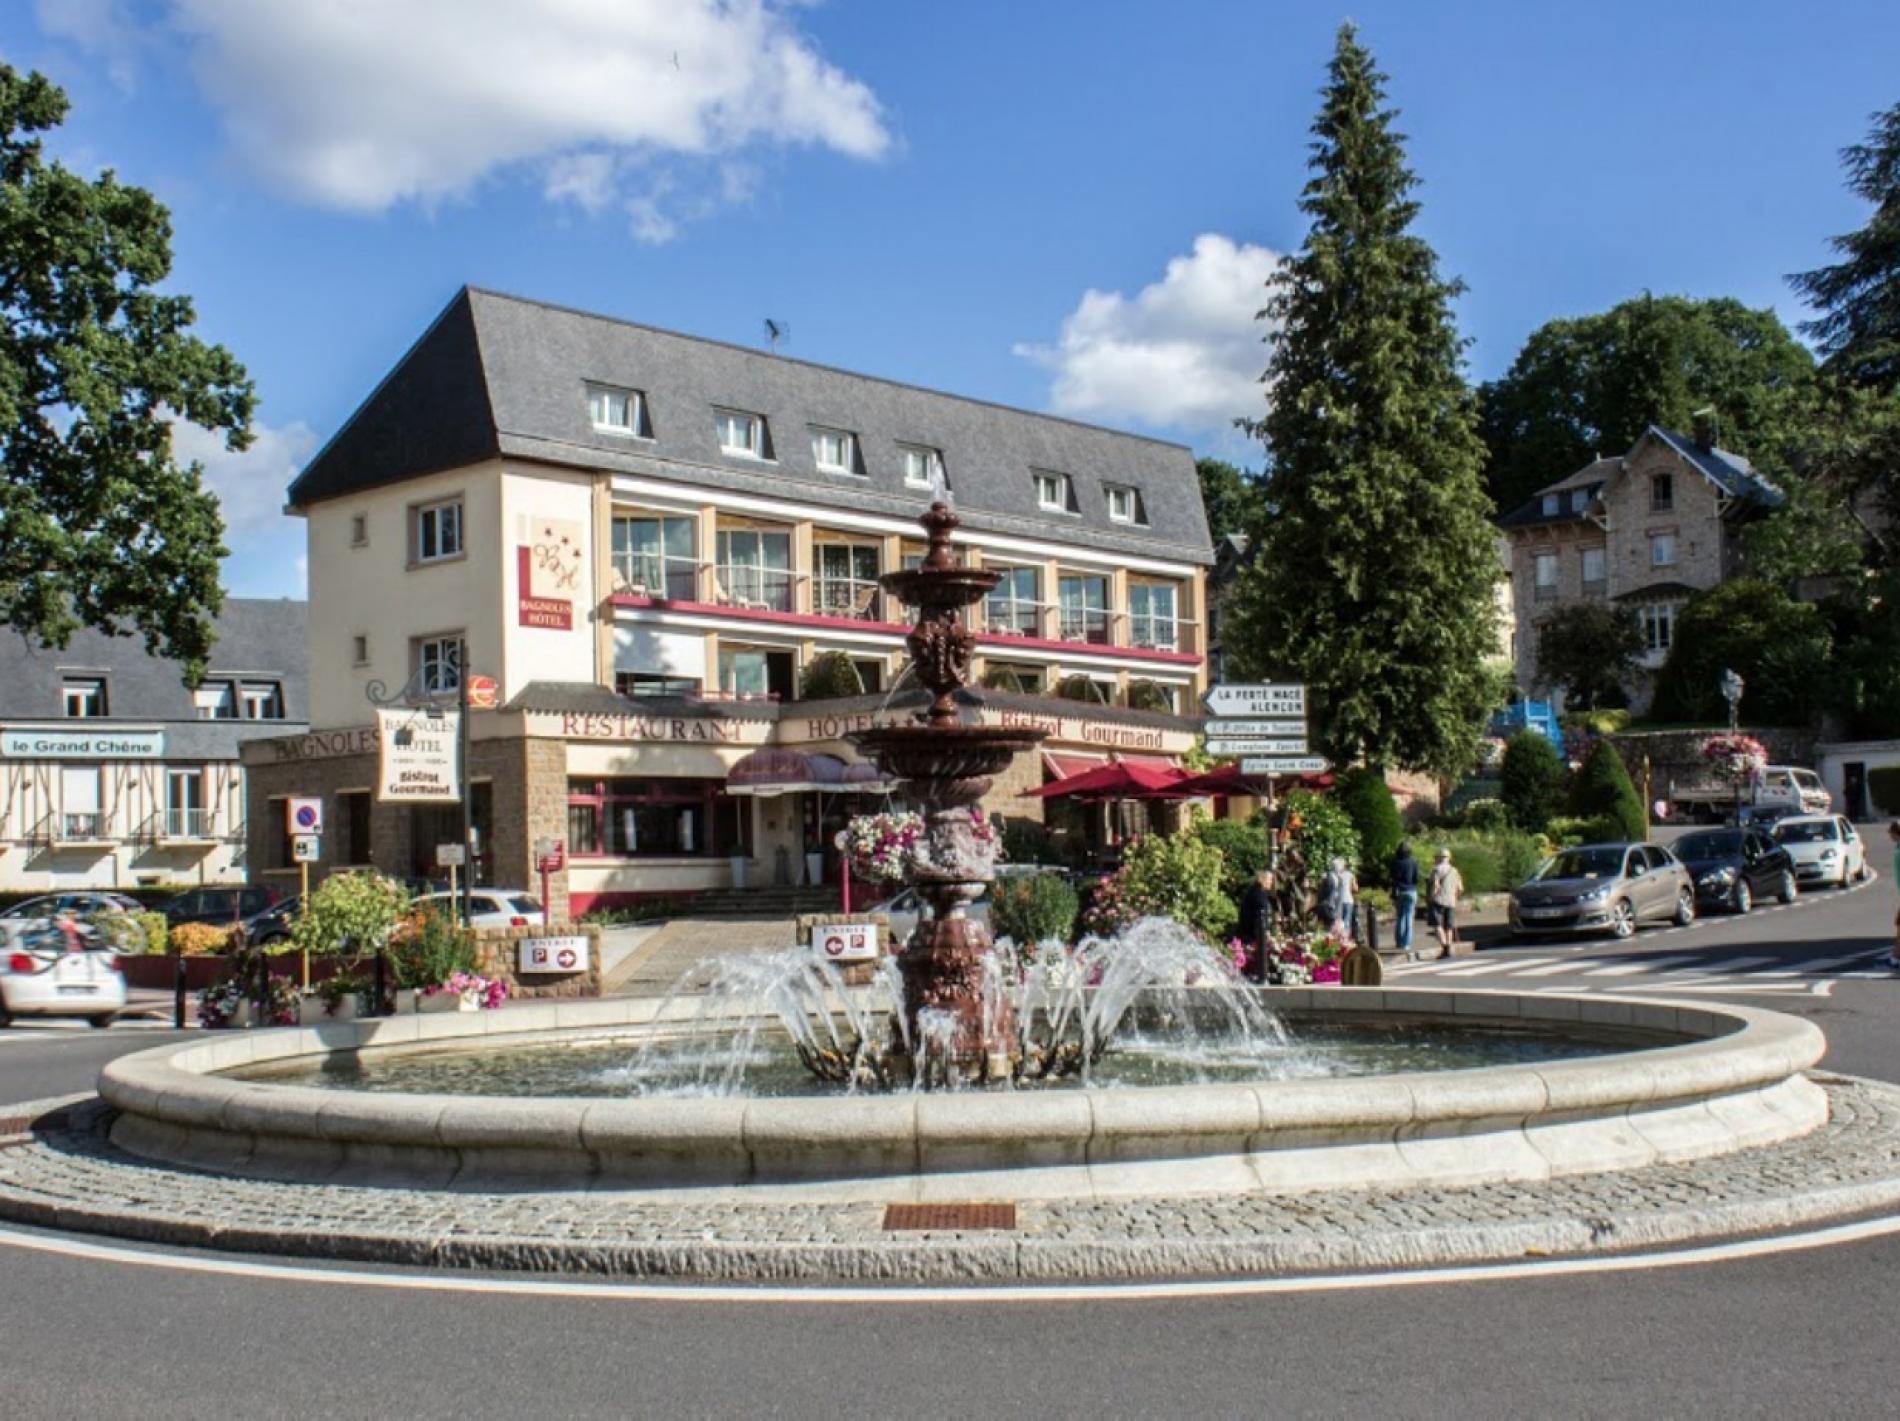 Bagnoles Hôtel - Hotel en Normandie